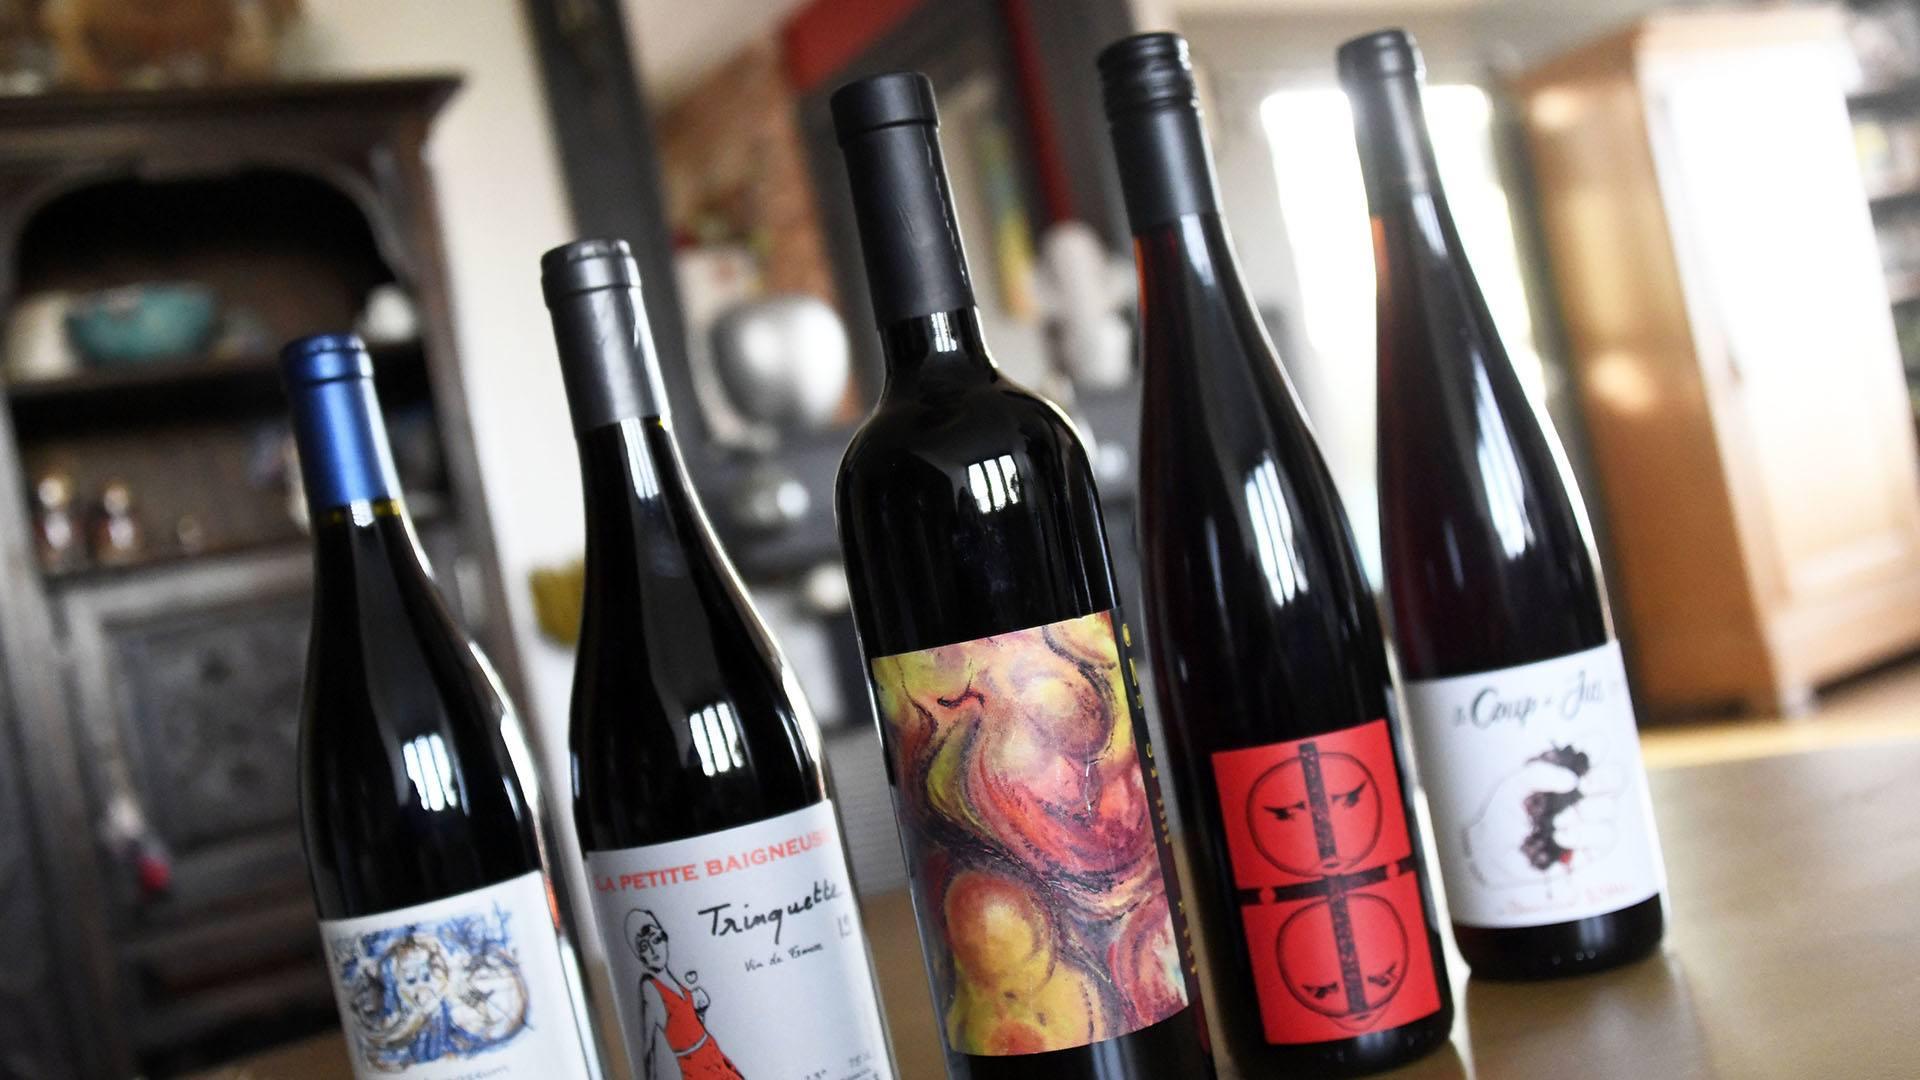 Riedisheim : Clément Bony, à la découverte du monde et des vins naturels